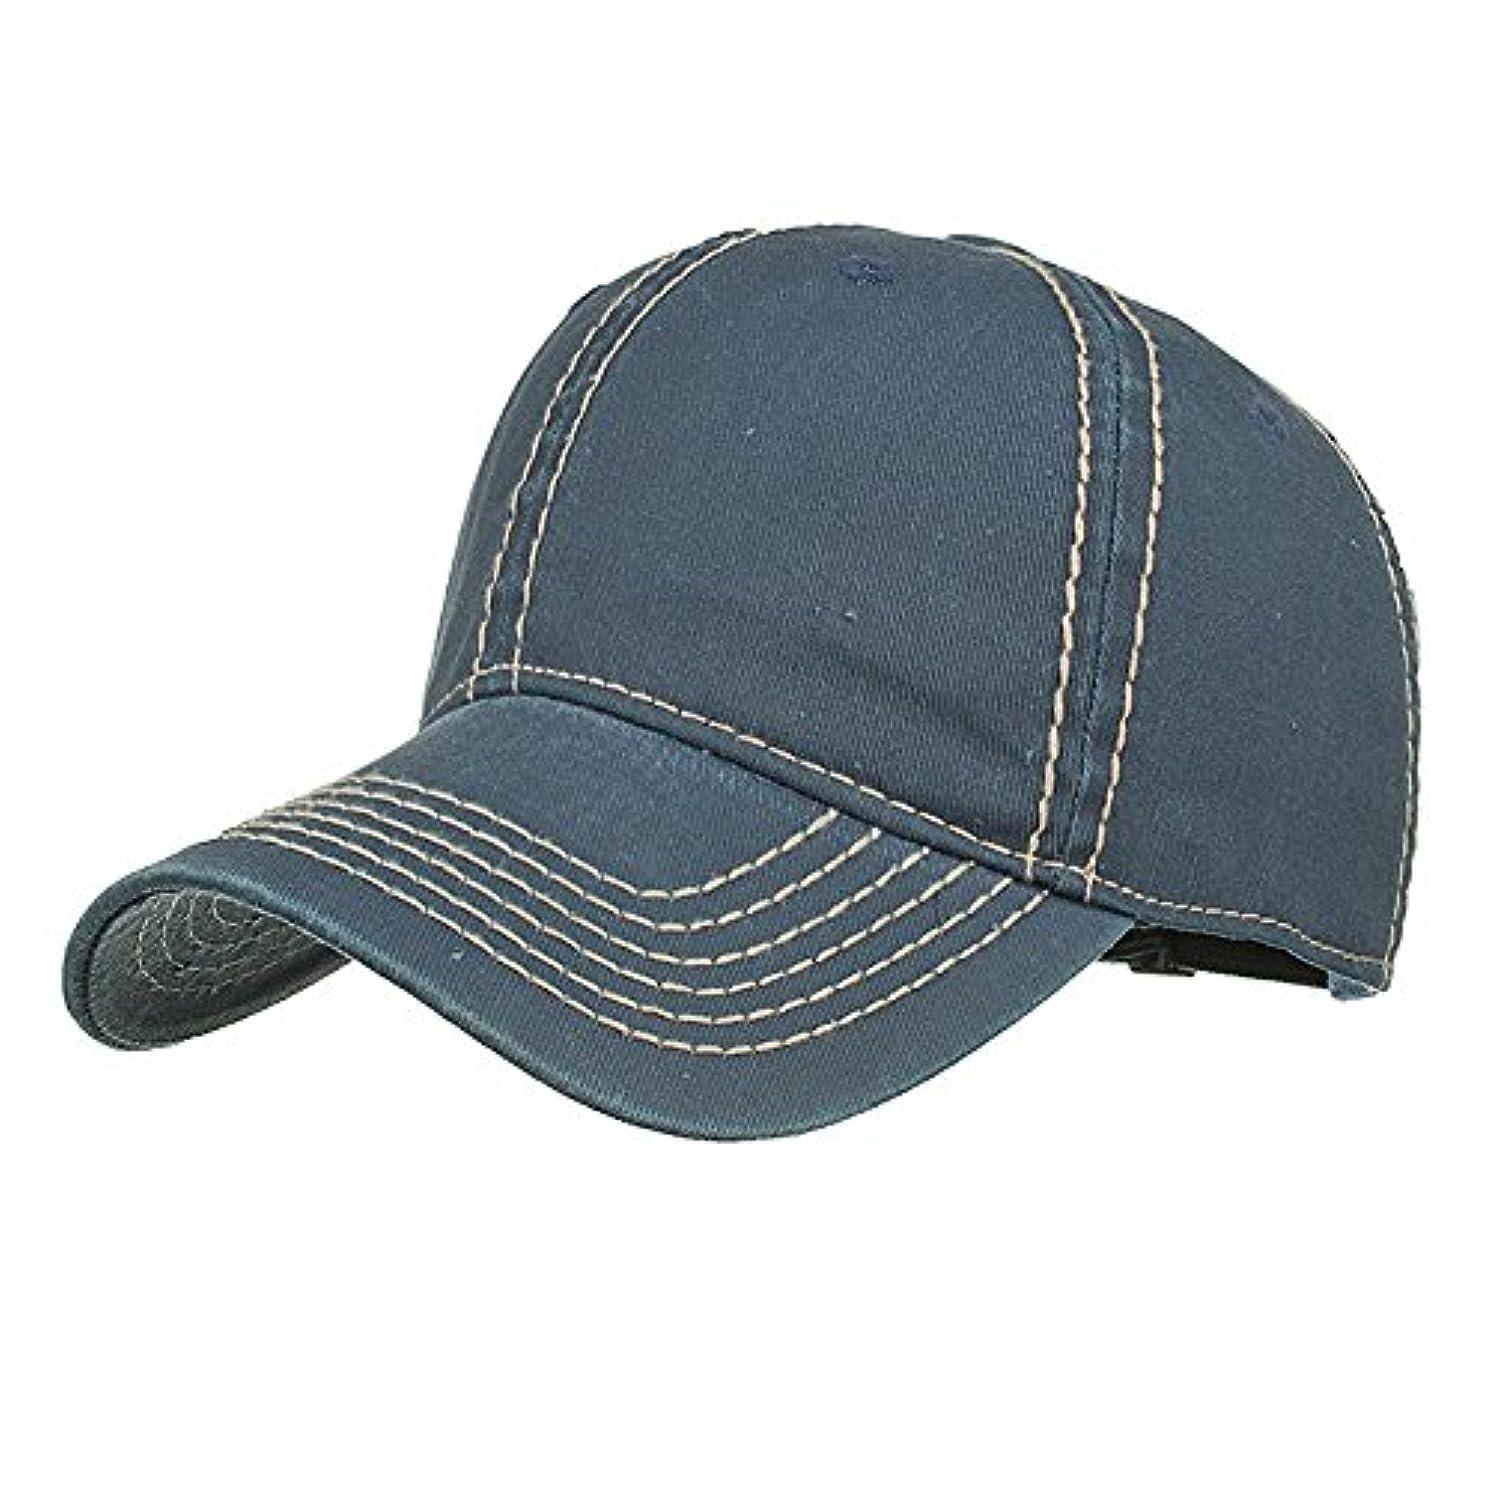 最も隣人アンテナRacazing Cap 無地 野球帽 キャップ 夏 登山 通気性のある 帽子 ベルクロ 可調整可能 刺繍 棒球帽 UV 帽子 軽量 屋外 Unisex Hat (C)